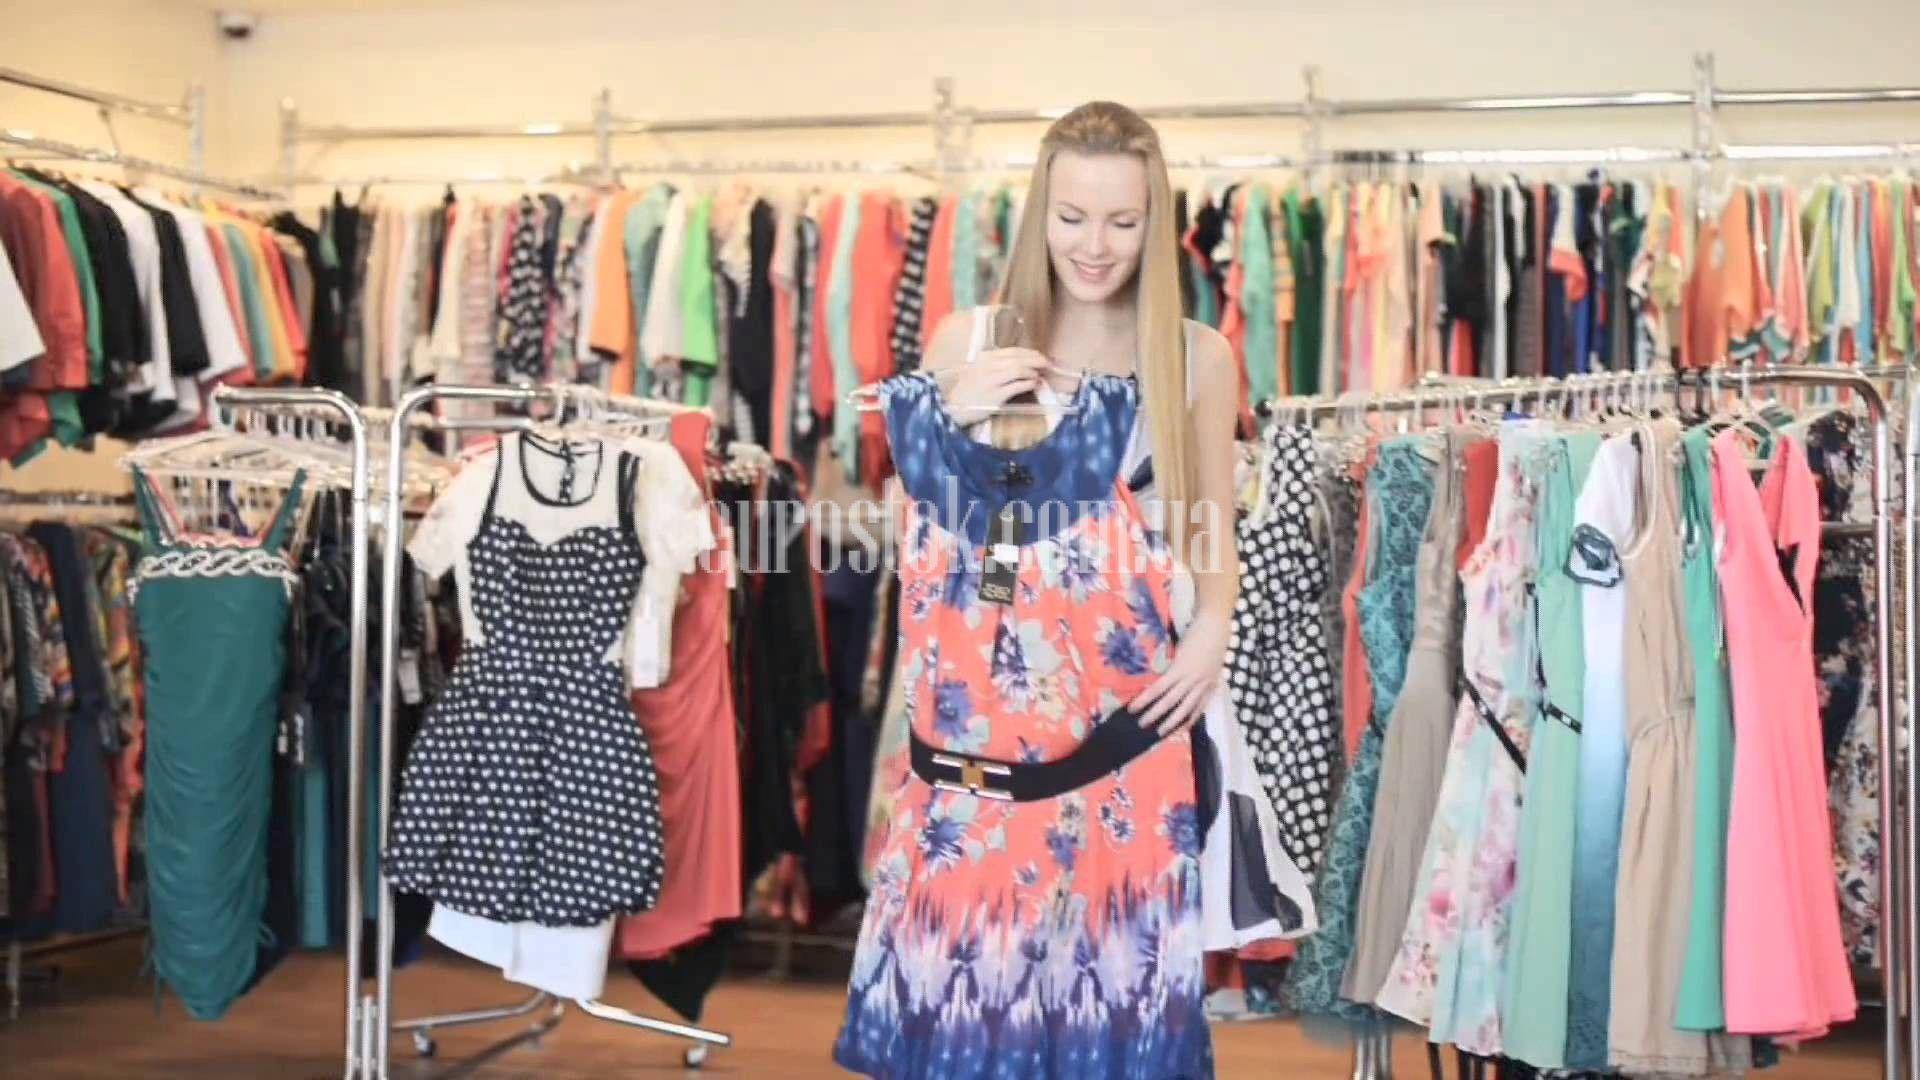 Стильная модная женская одежда, обувь и аксессуары для женщин